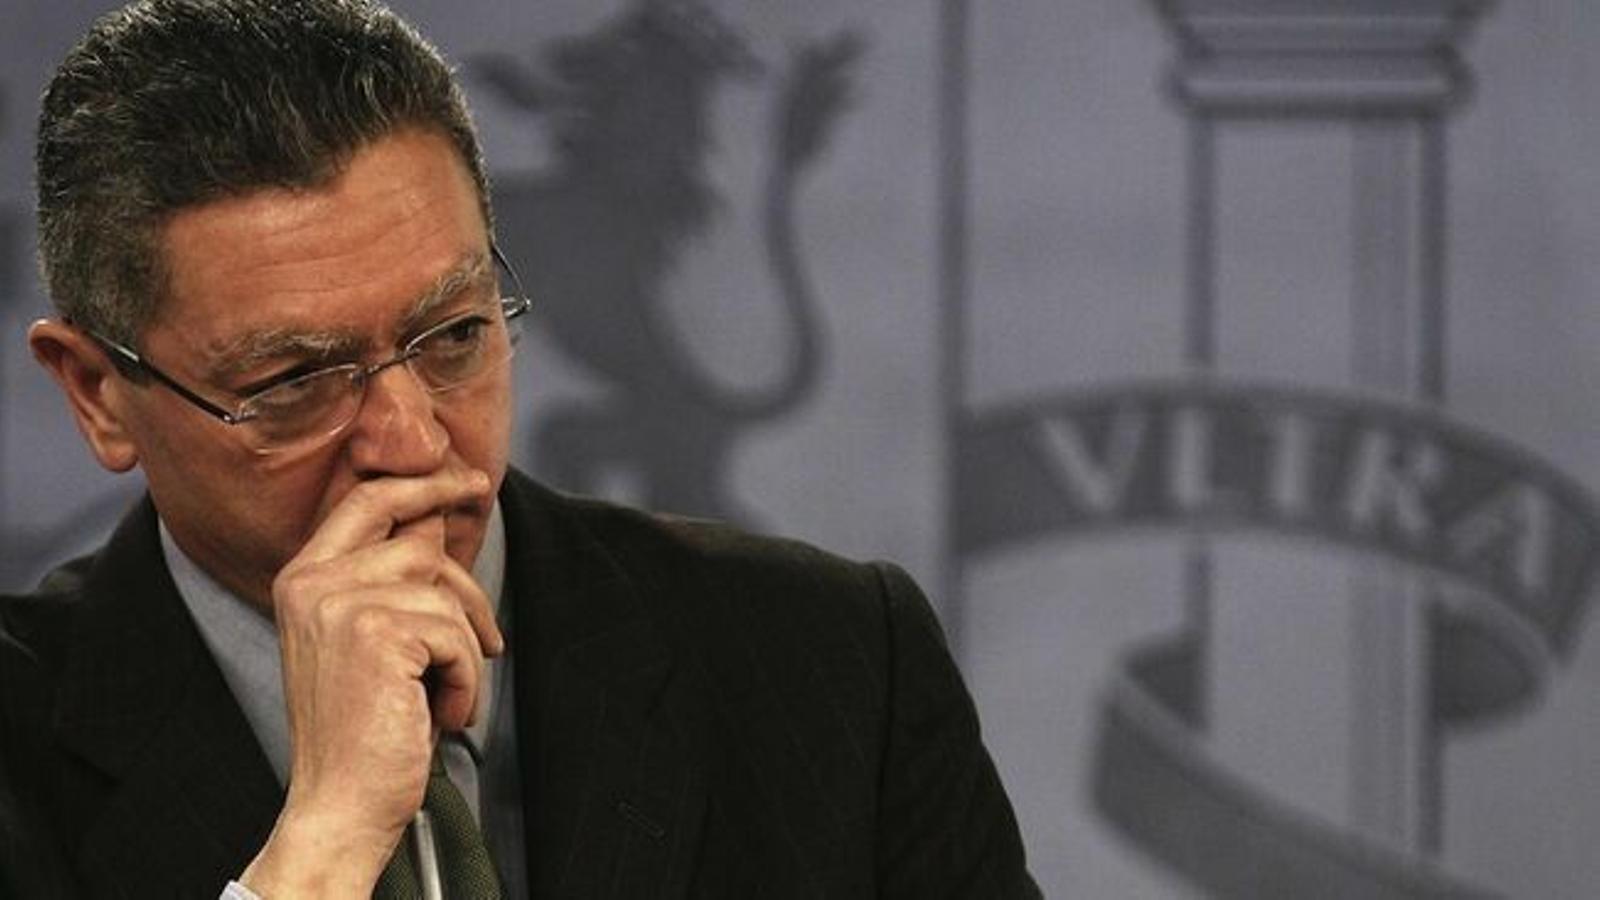 Anticorrupció demana set anys de presó per a dos dels exconsellers de Gallardón pel cas Lezo